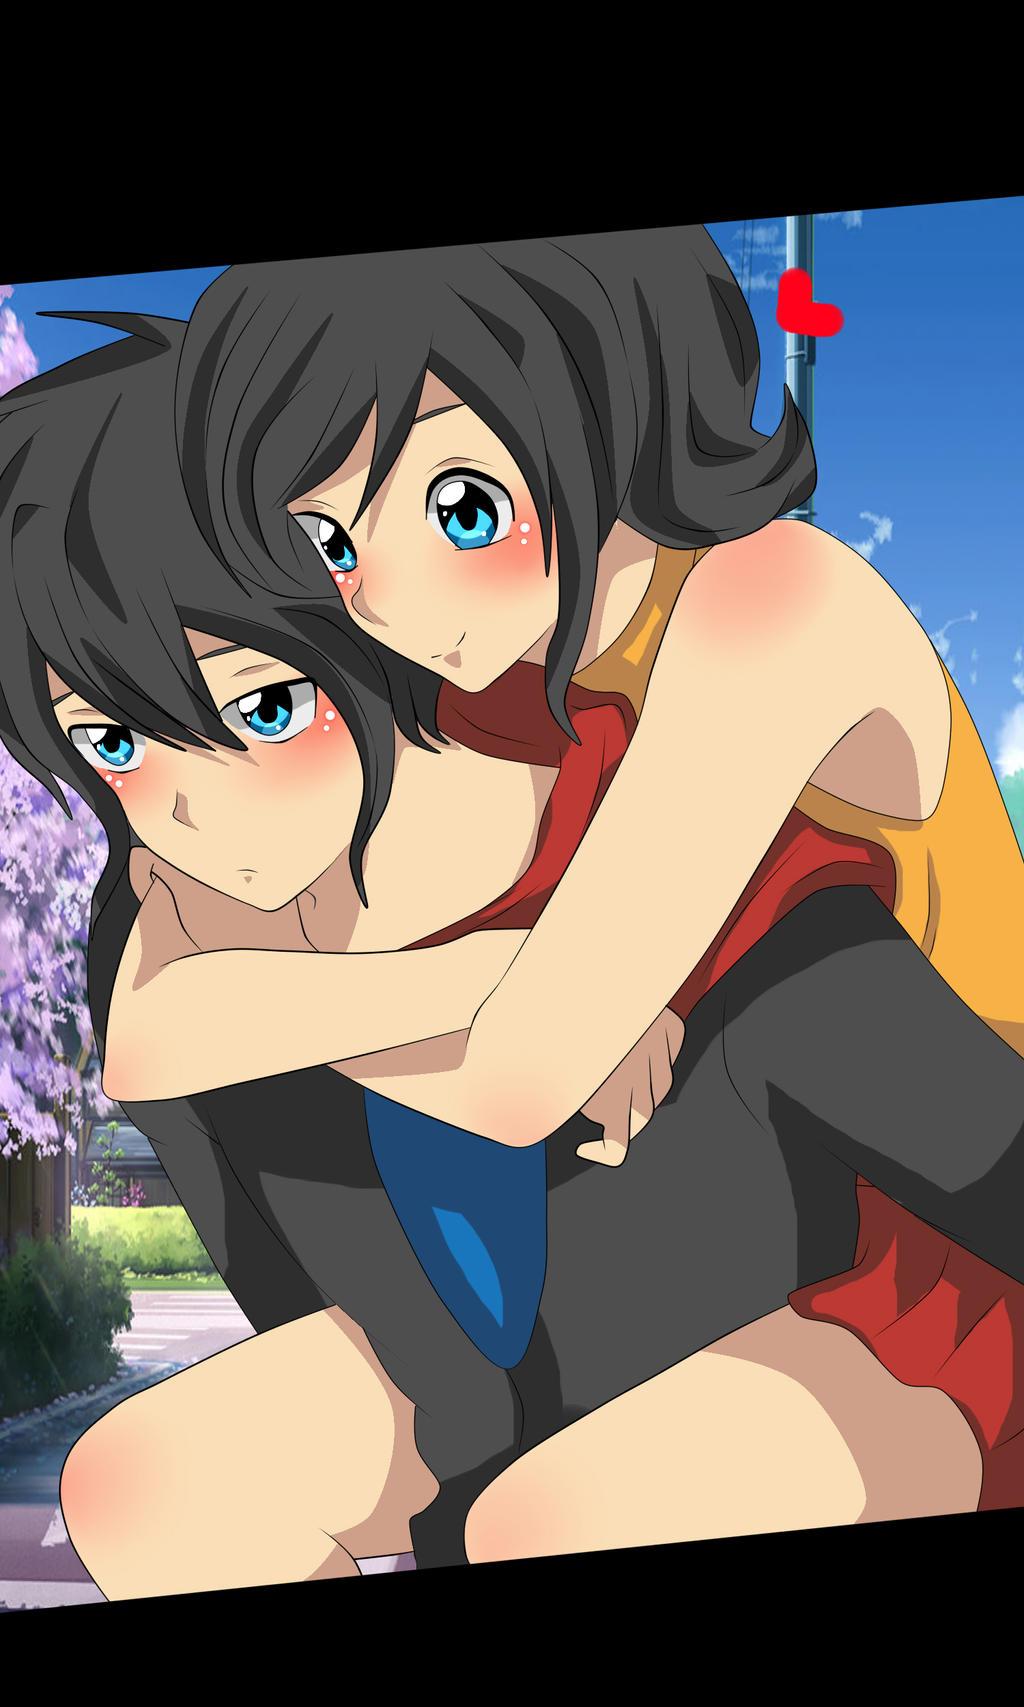 Zack y Karami by RyuujiKarami